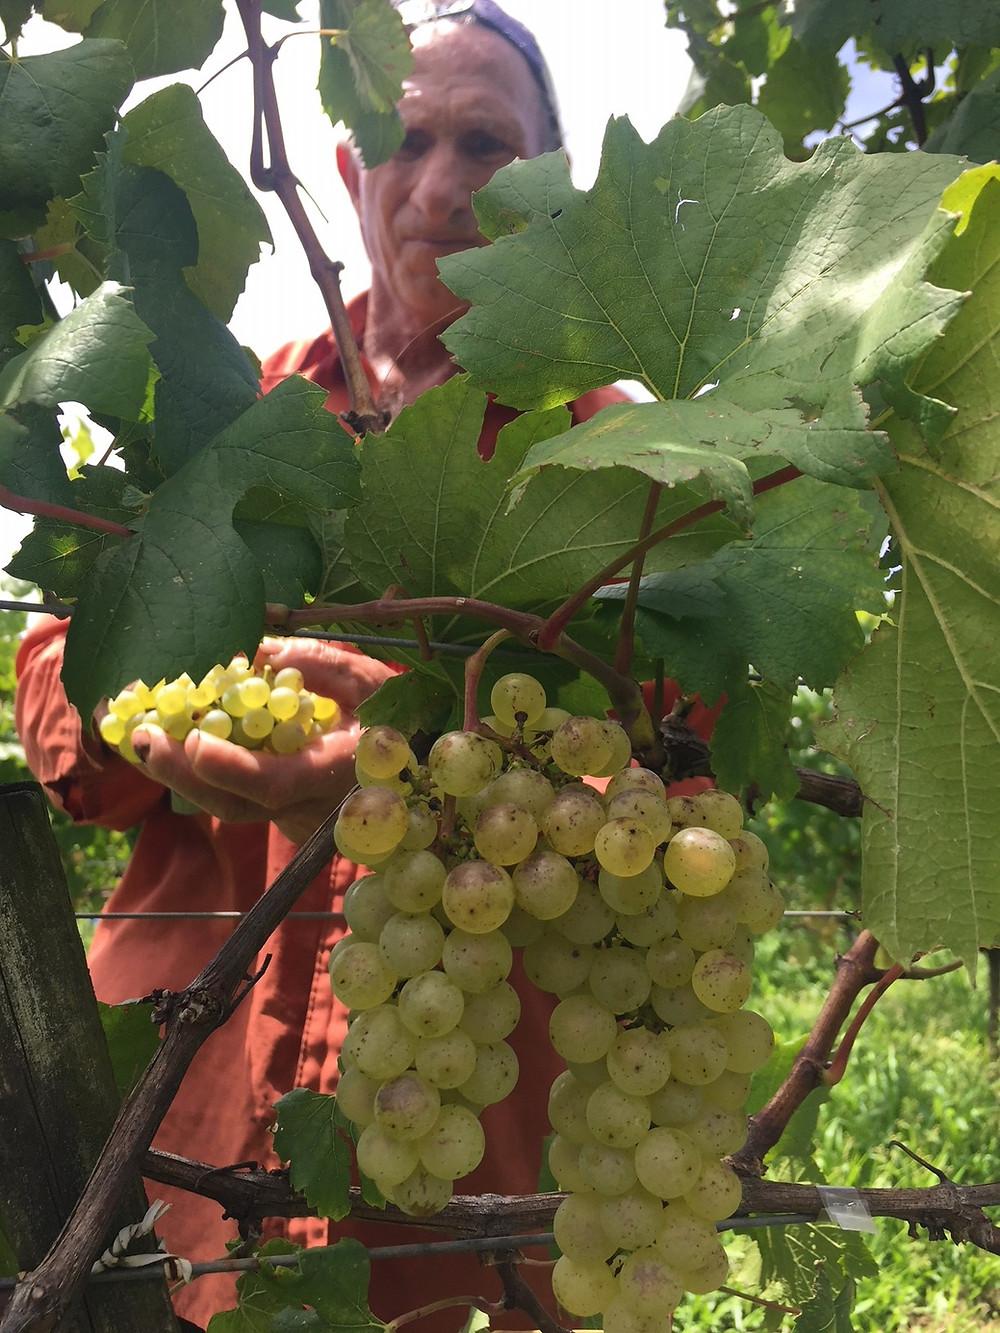 Moscato branco, Merlot e Chardonnay (variedade da foto) foram as variedades que apresentaram maior produtividade nesta safra, entre as Vitis viniferas, e Bordô e Niágara branca, entre as americanas e híbridas